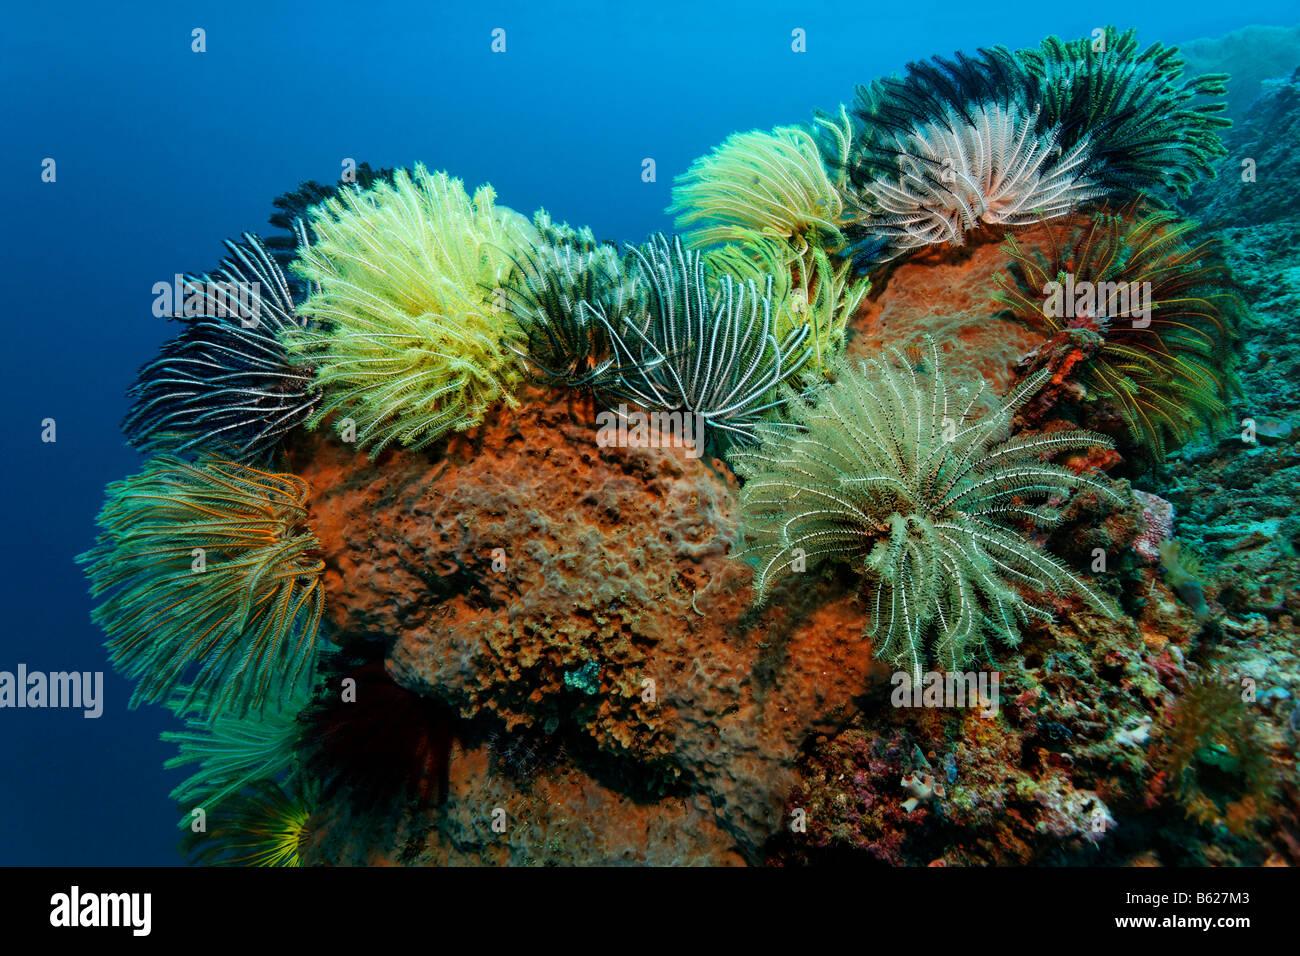 Multi-Coloured Black Crinoid, Meer Lilie oder Feder-Star (Oxycomanthus Bennetti), Klettern auf einen Schwamm, Selayar Stockbild